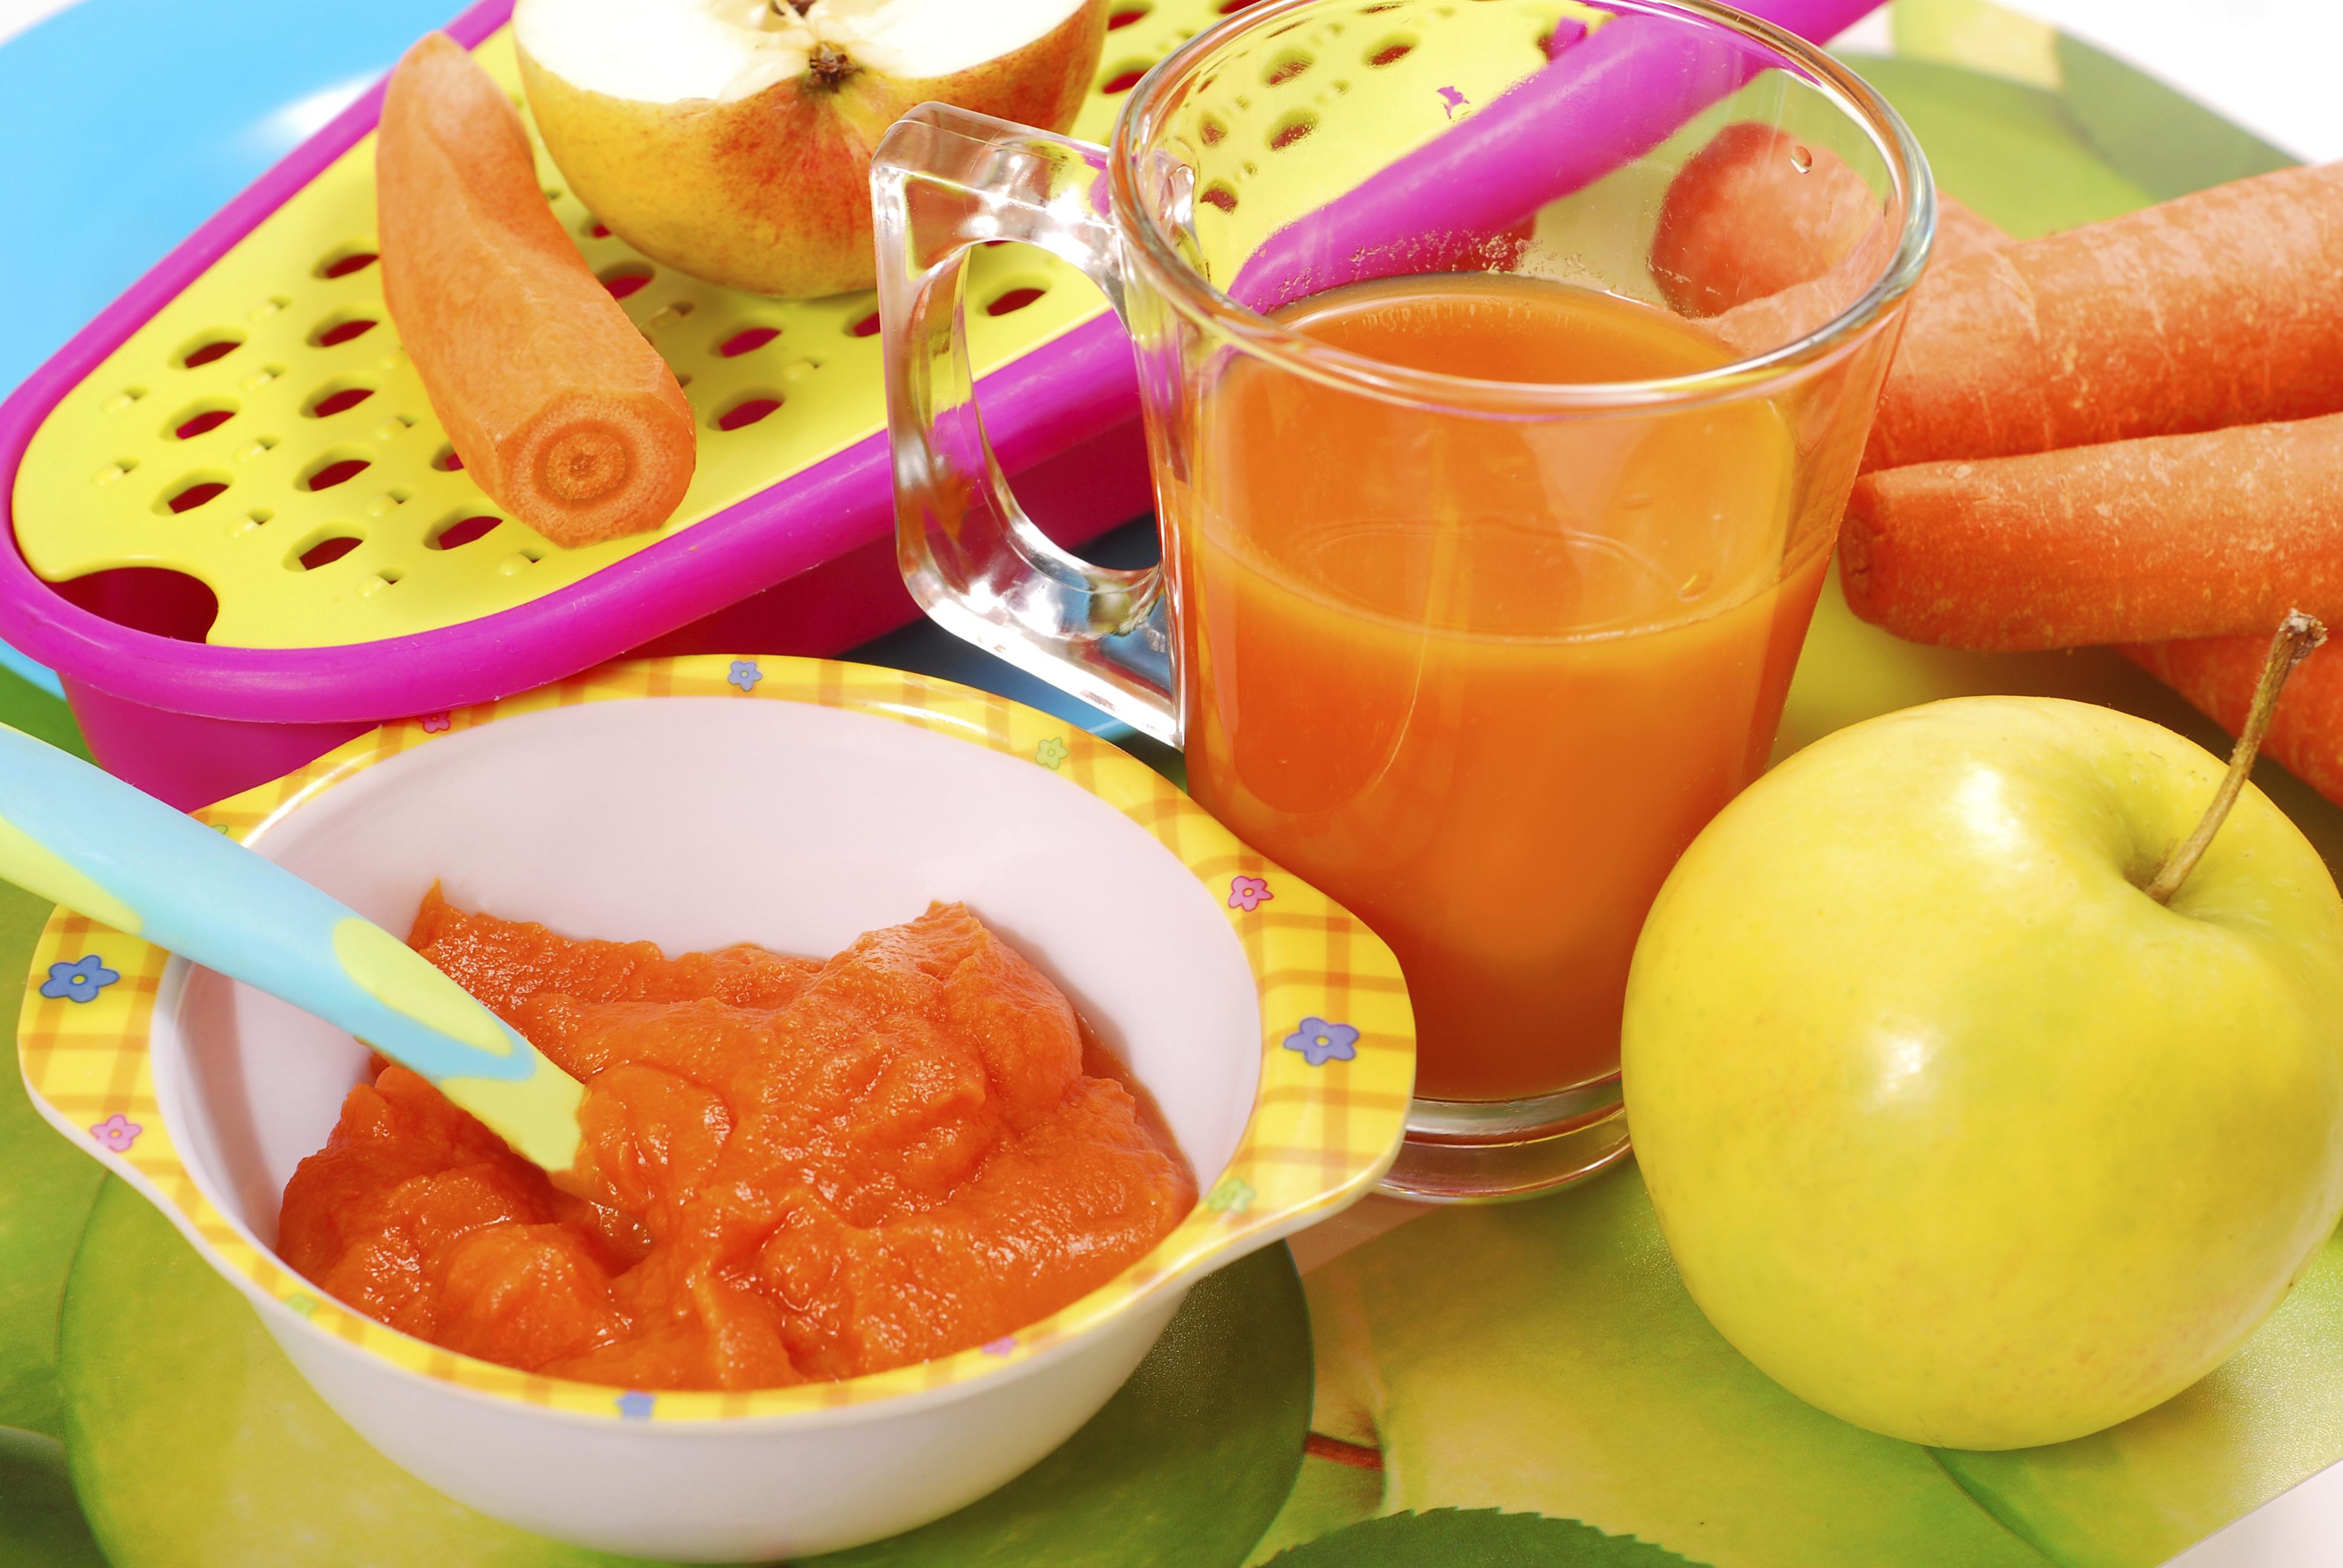 Овощи для первого прикорма: схема введения, рецепты овощного пюре для 49